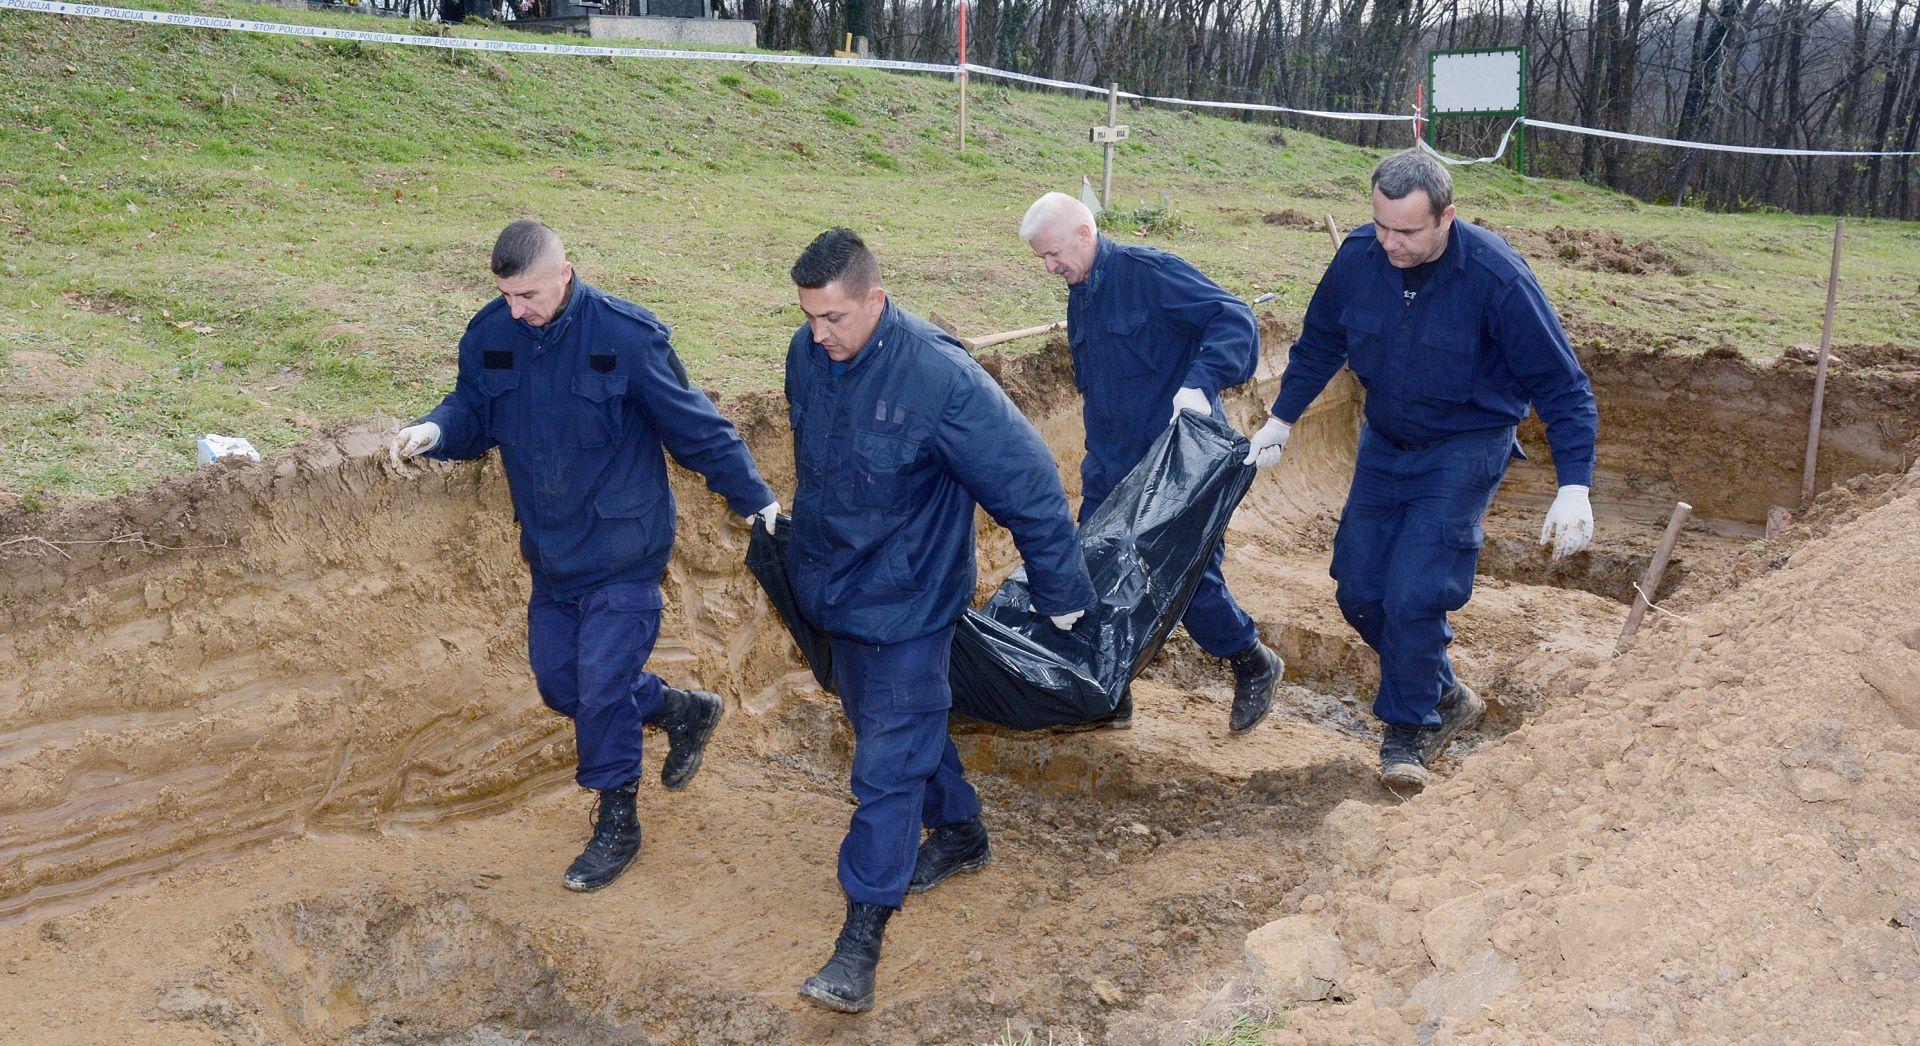 NIJE MASOVNA GROBNICA: Ministarstvo branitelja o ekshumaciji iz grobnice kod Gornjeg Selišta